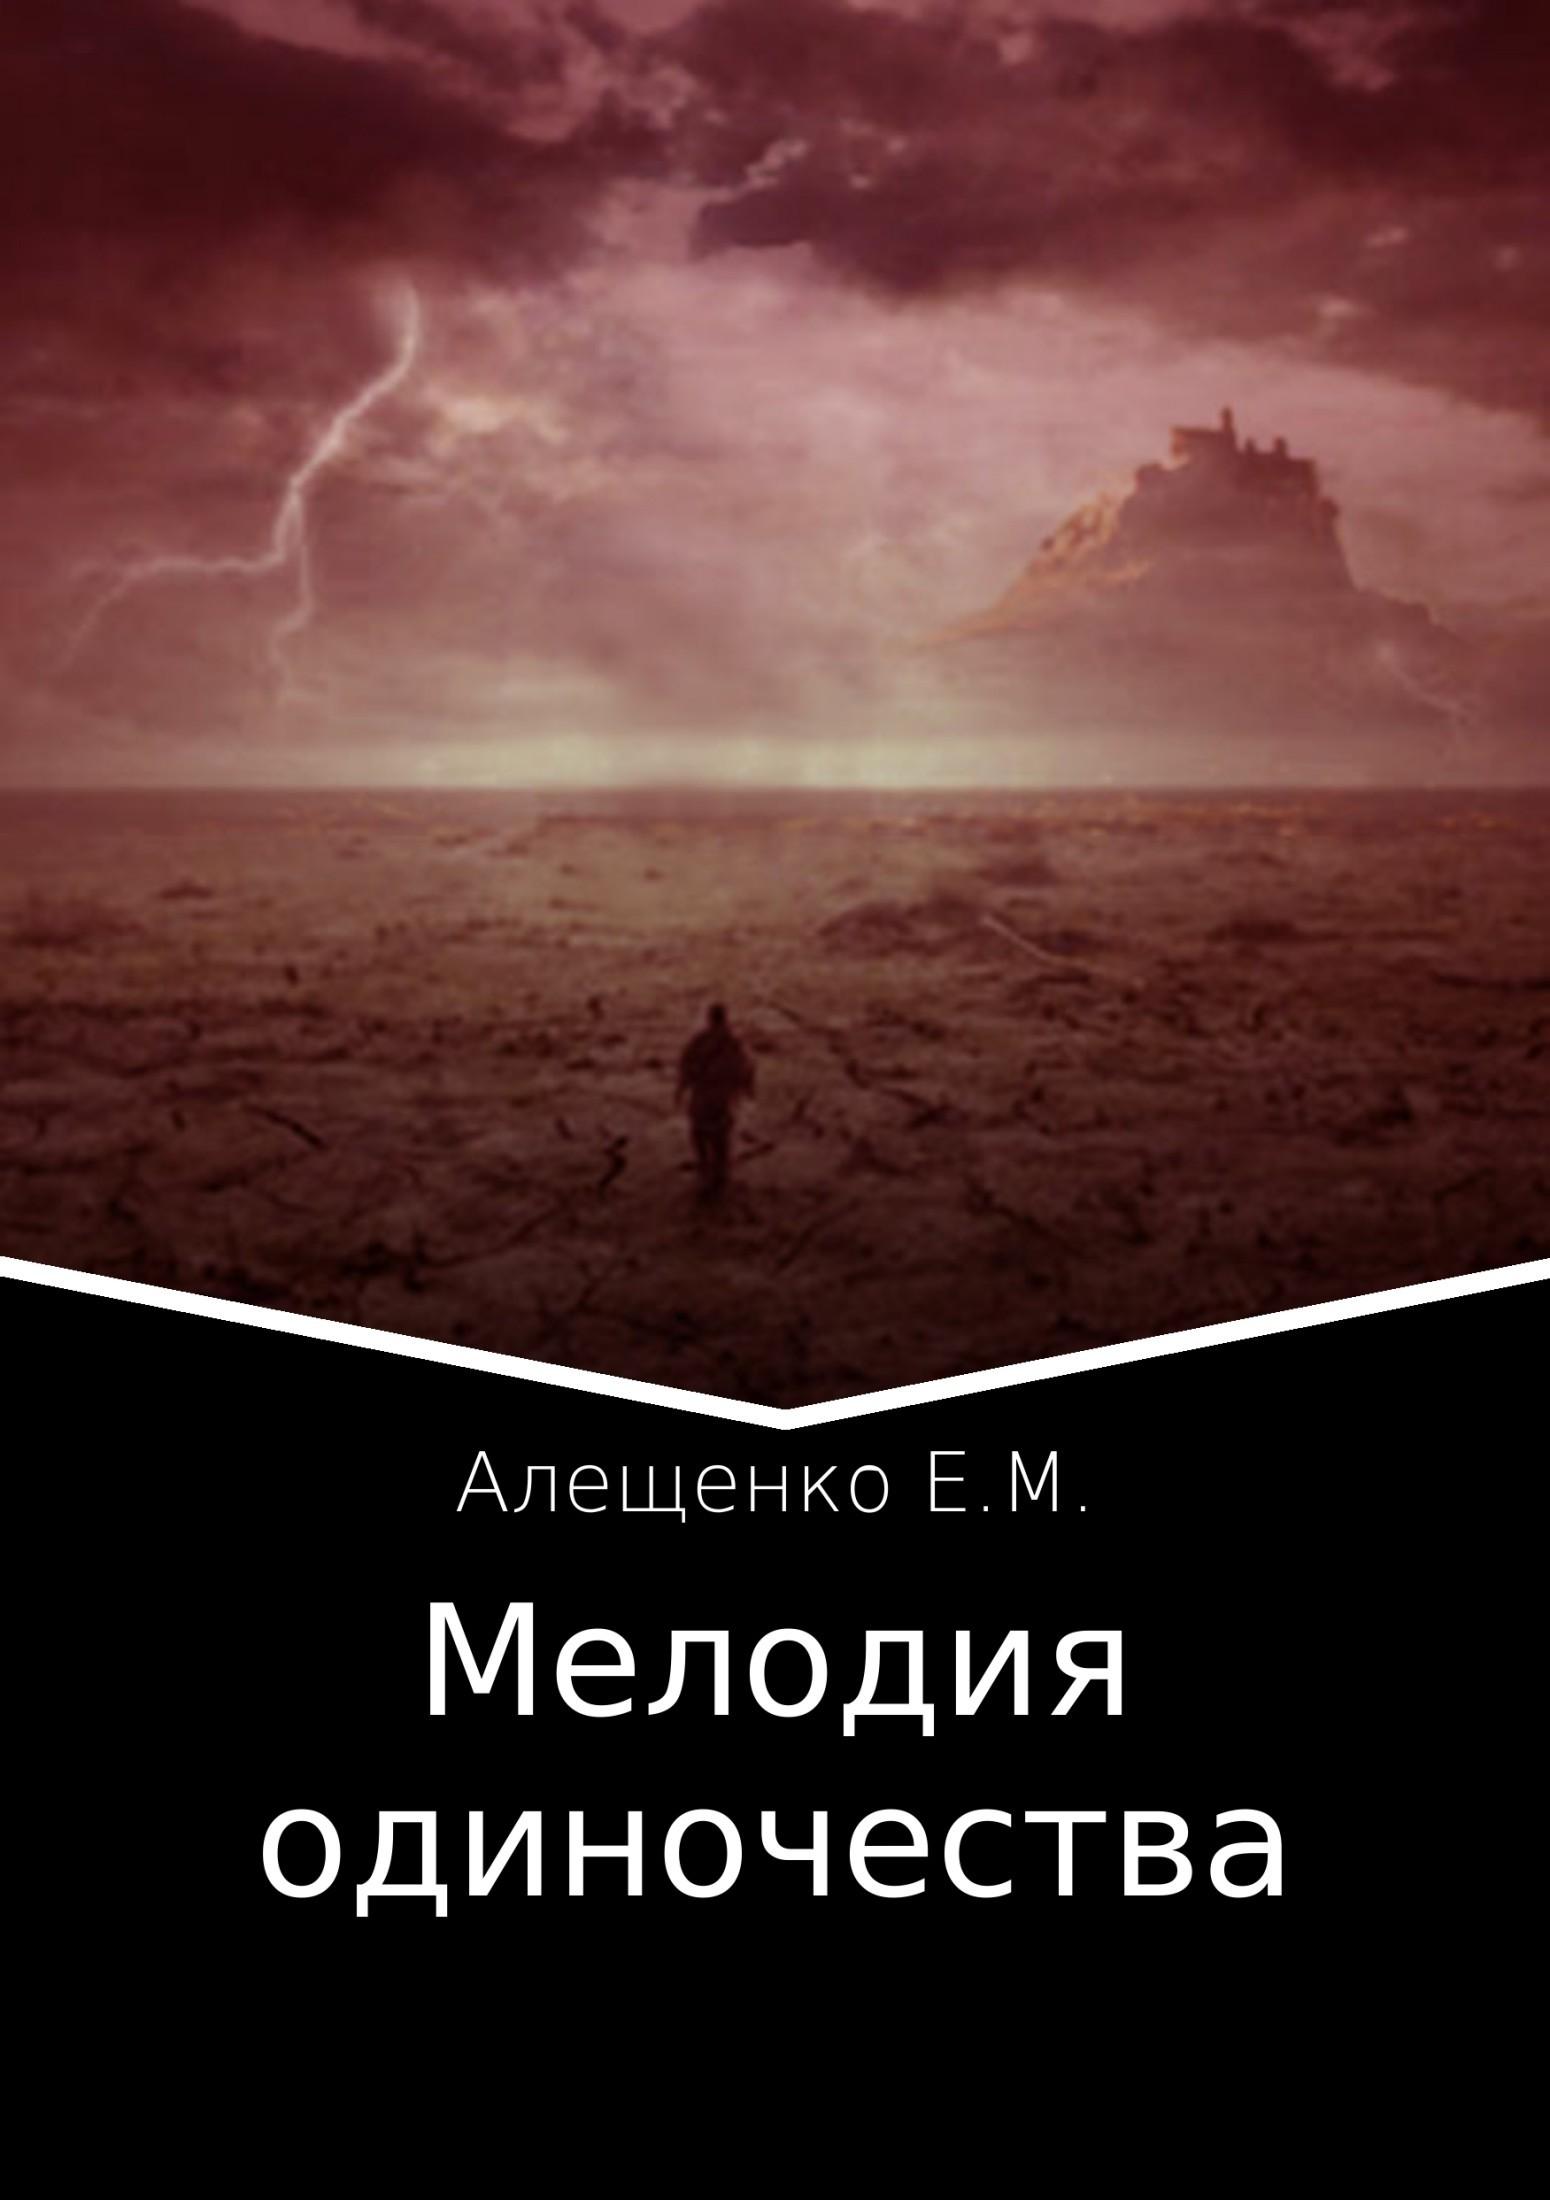 Мелодия одиночества